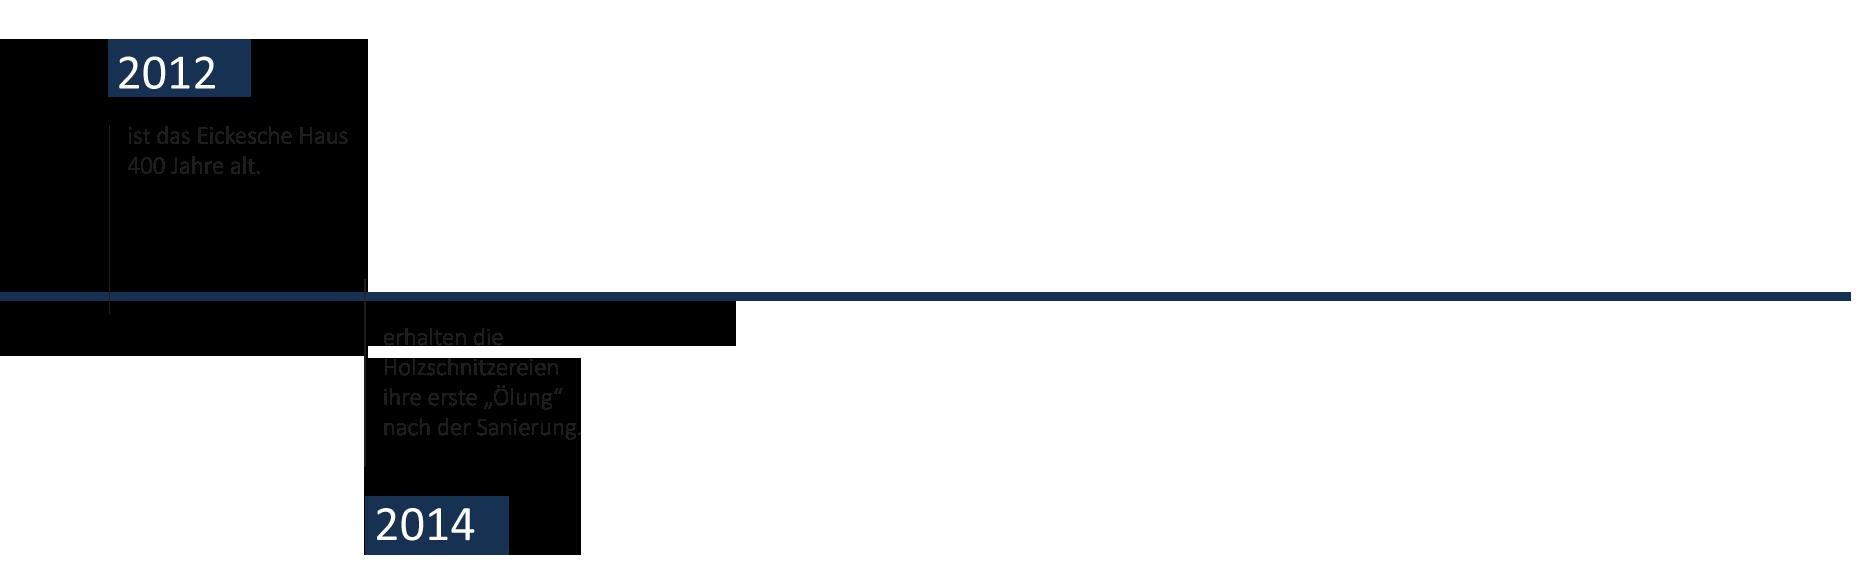 Zeitstrahl-Eickesches-HausFuerSlider5